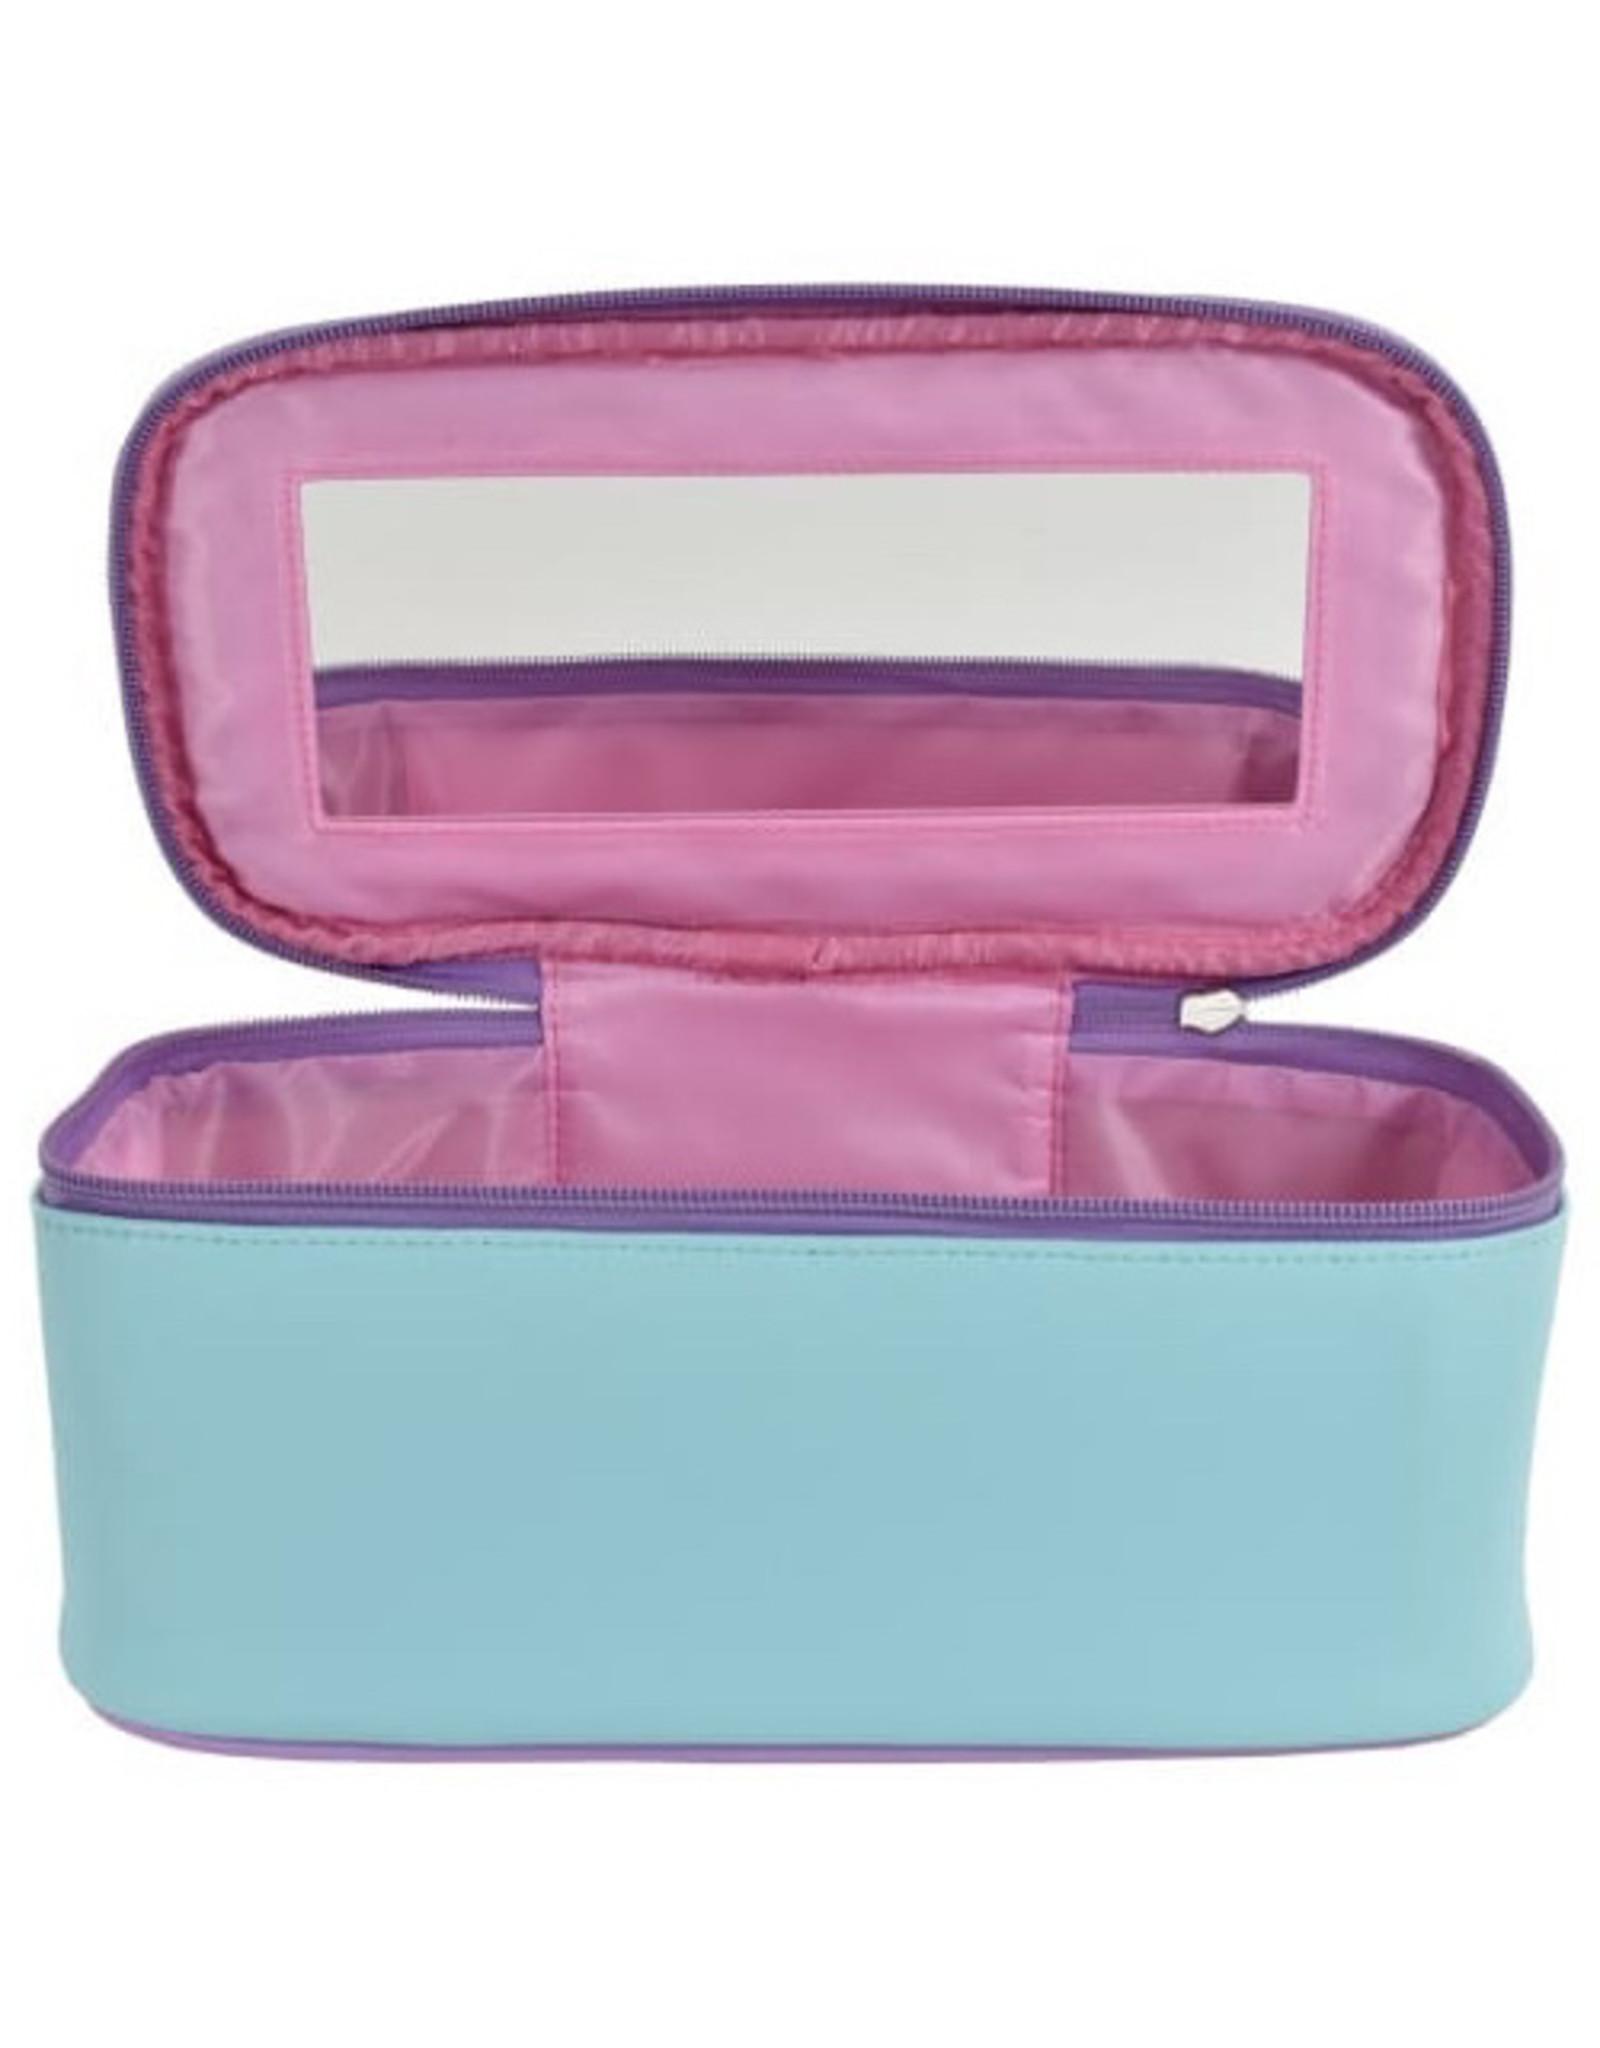 Iscream Cosmetic Case